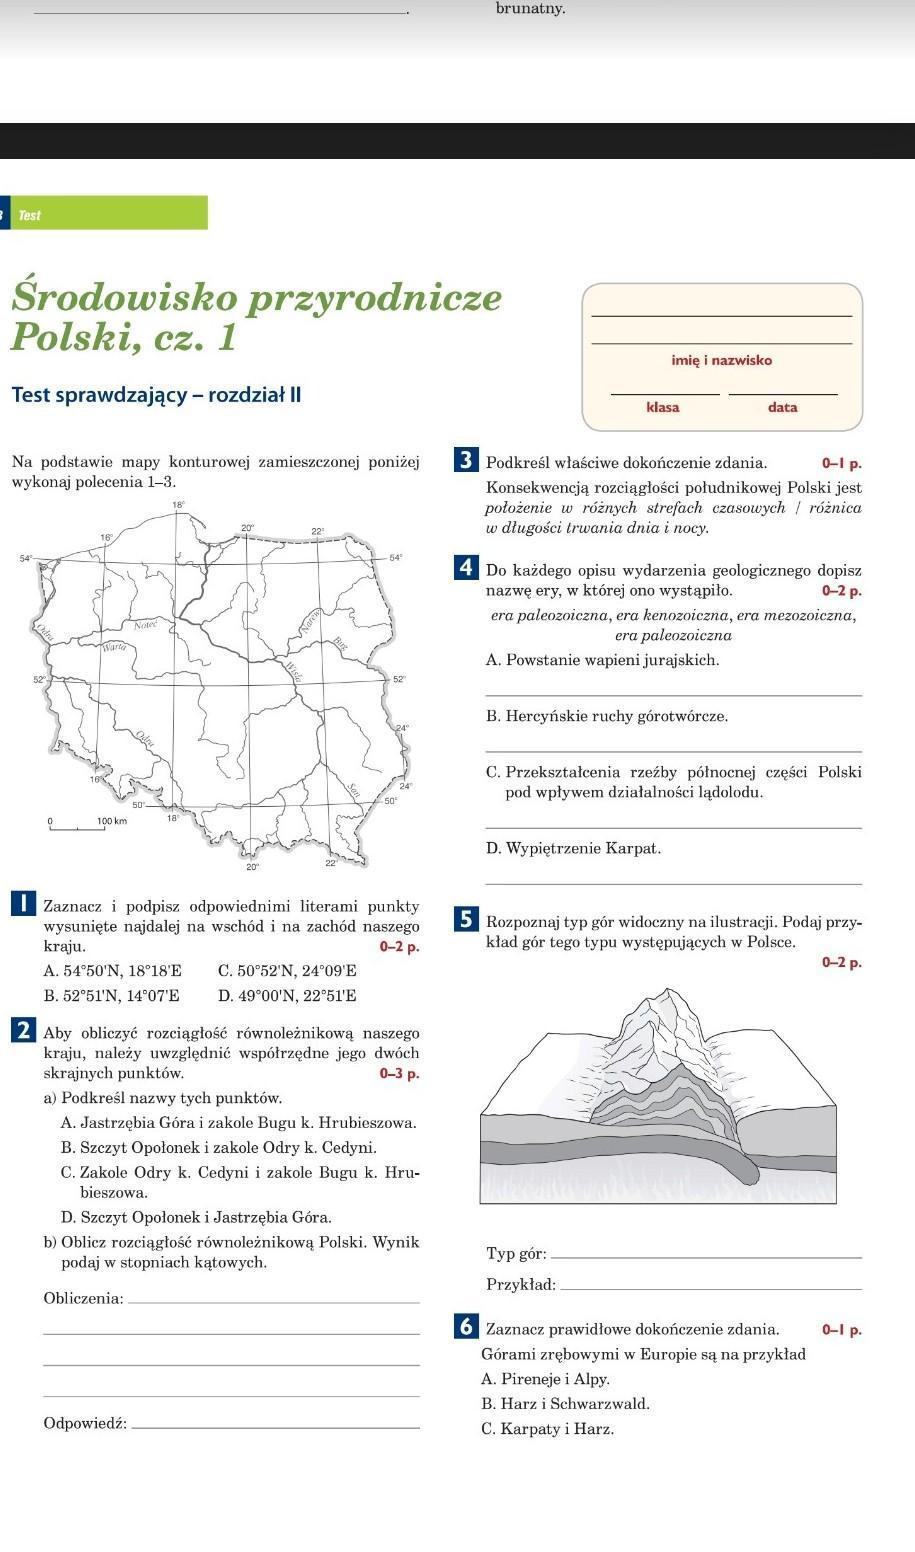 Czy Ktos Ma Link Do Geografii Klasa 7 Z Dzialu Srodowisko Przyrodnicze Polski Czesc 1 Ksiazka Planeta Brainly Pl Testy Map Map Screenshot